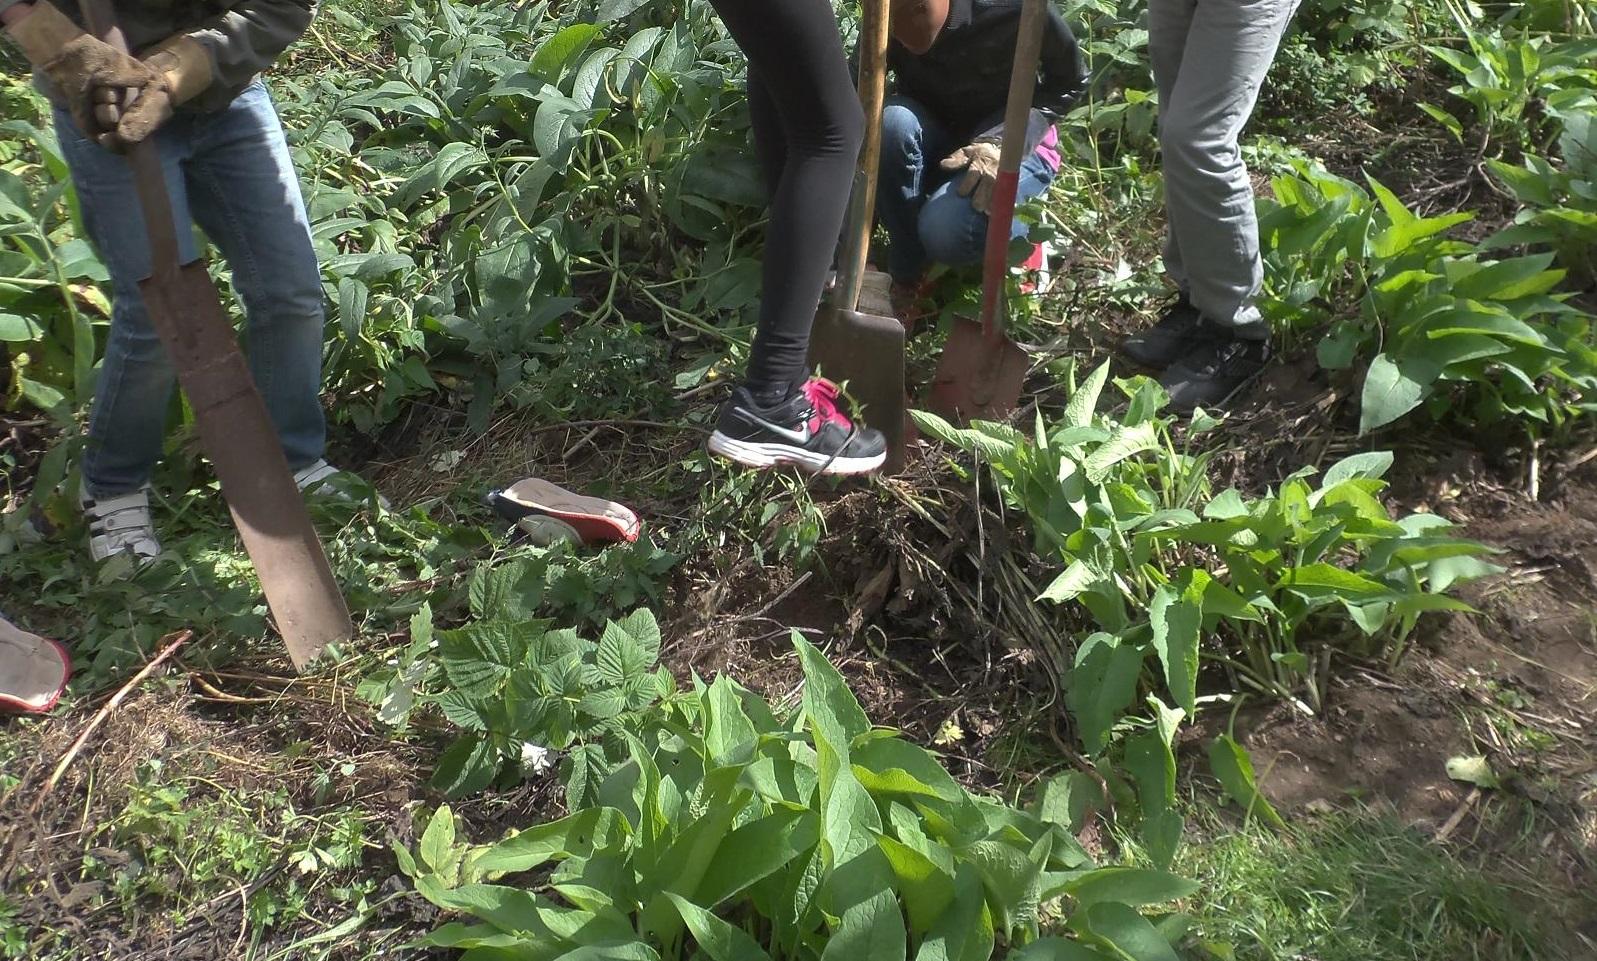 Bilden föreställer elever som gräver i jorden med spadar.